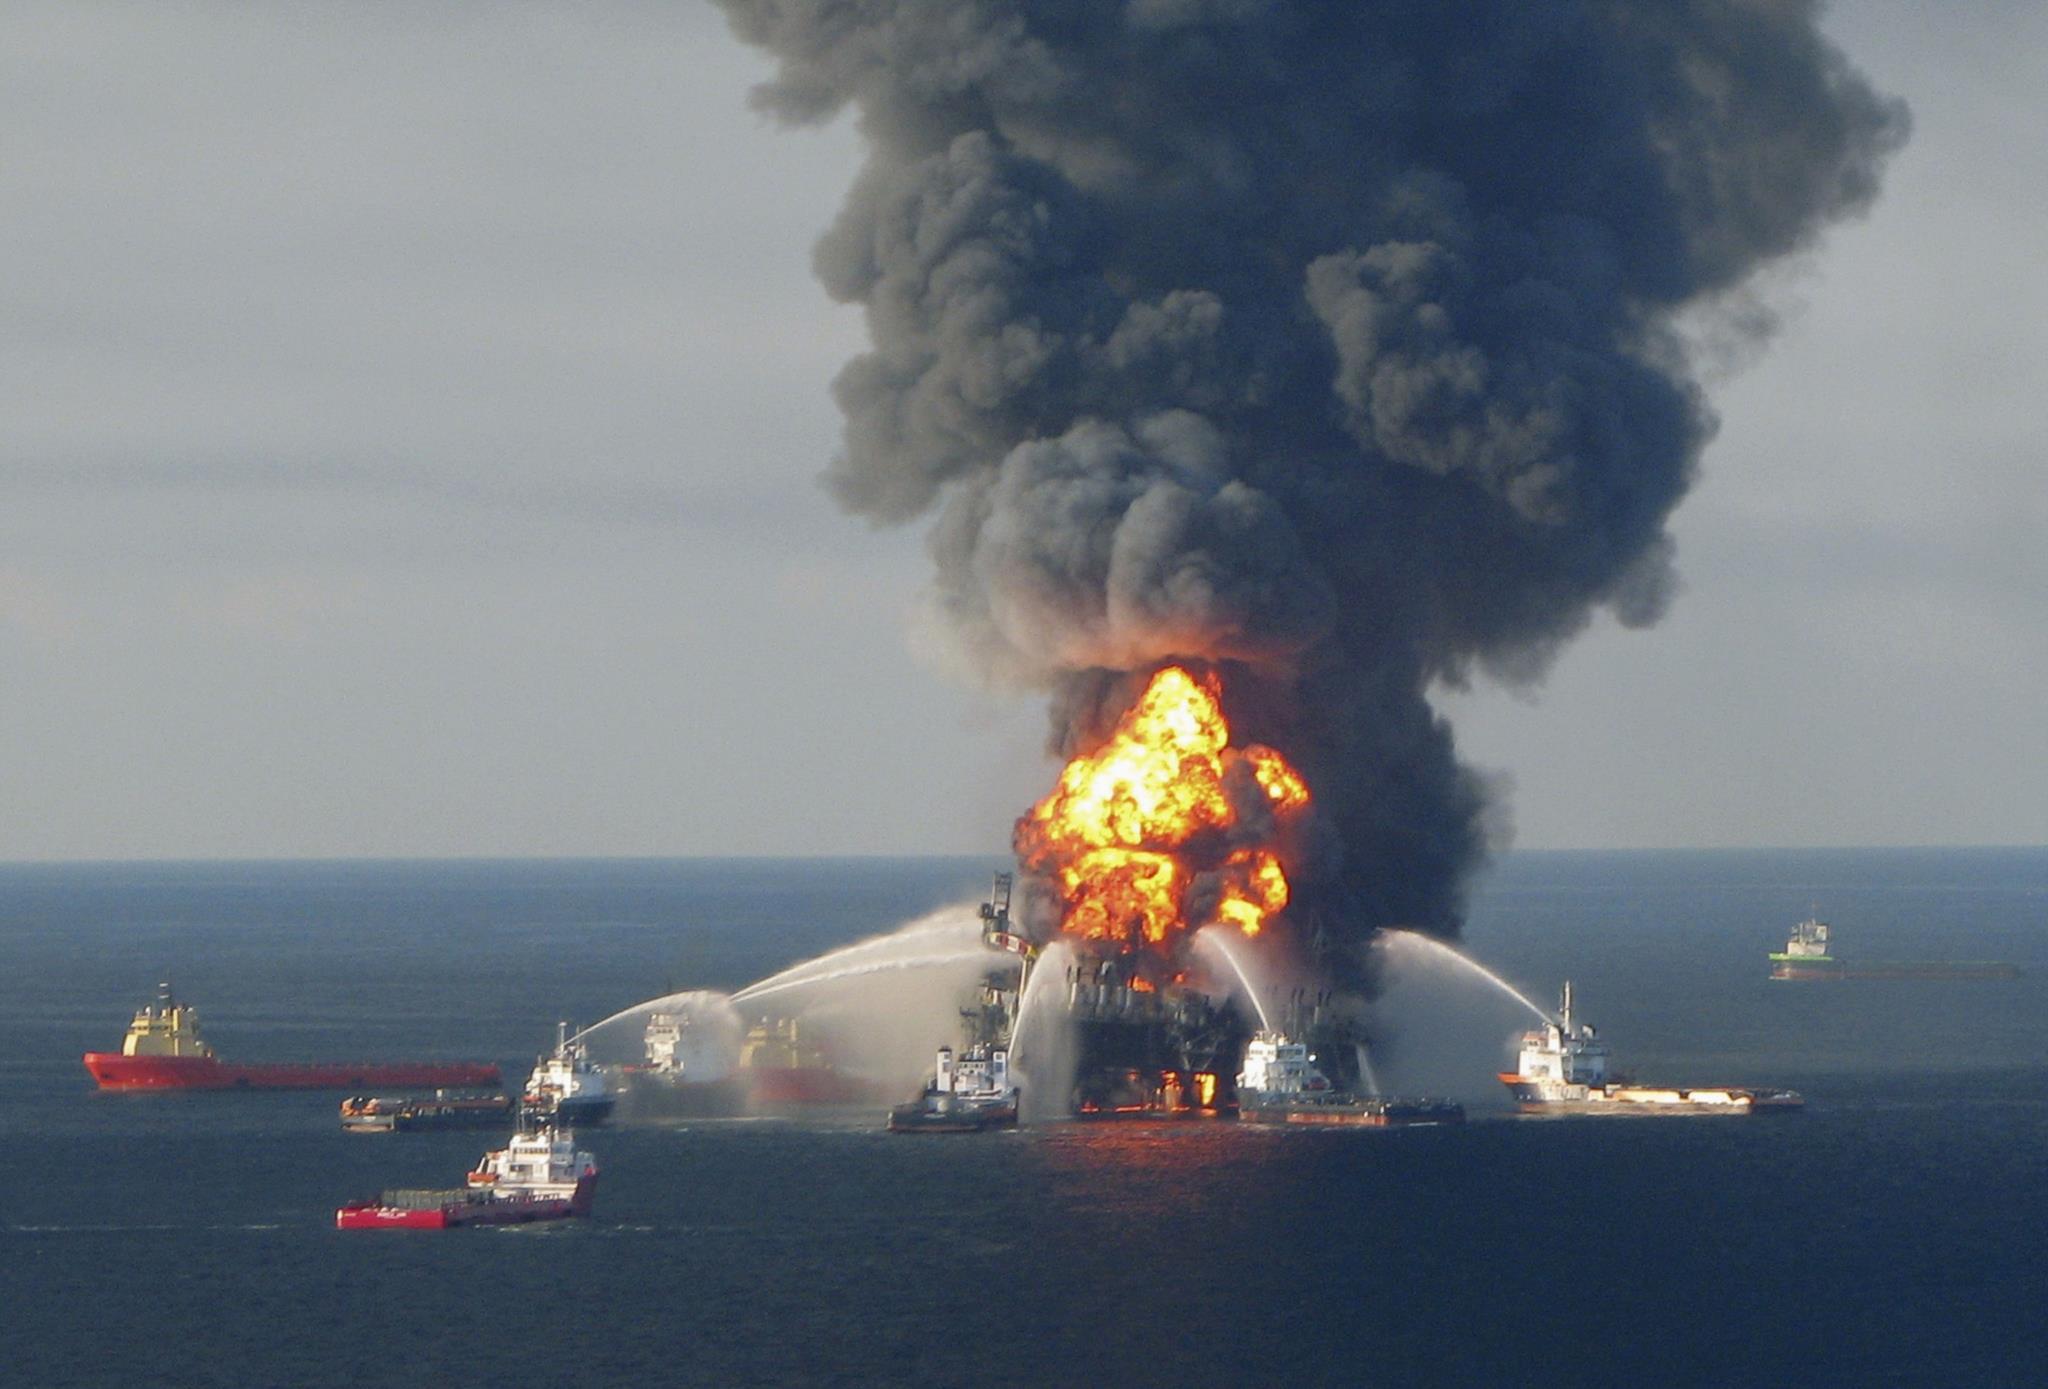 PÚBLICO - Quanto custou o derrame da plataforma Deepwater Horizon à natureza?